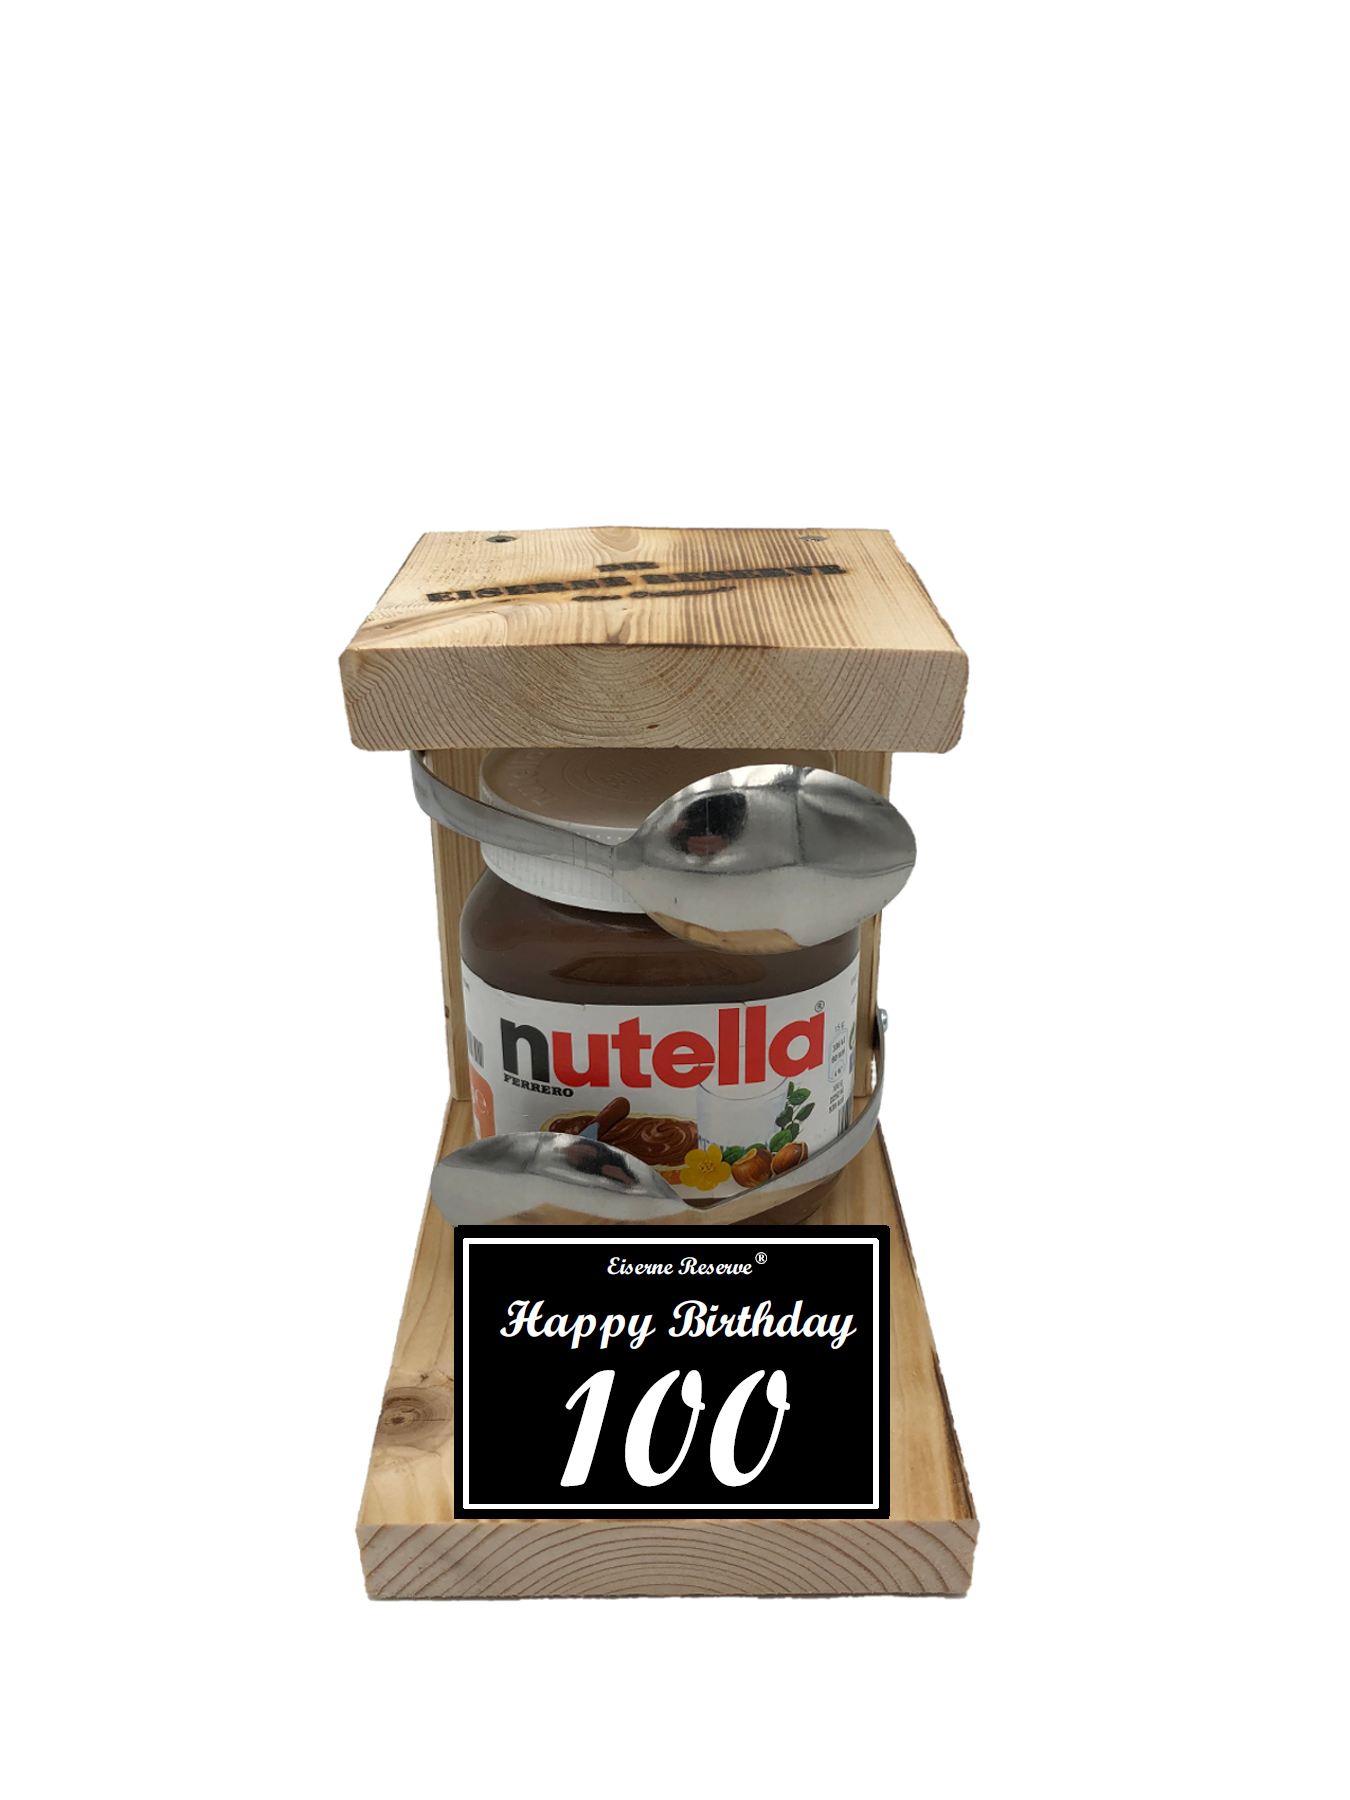 100 Happy Birthday Löffel Nutella Geschenk - Die Nutella Geschenkidee